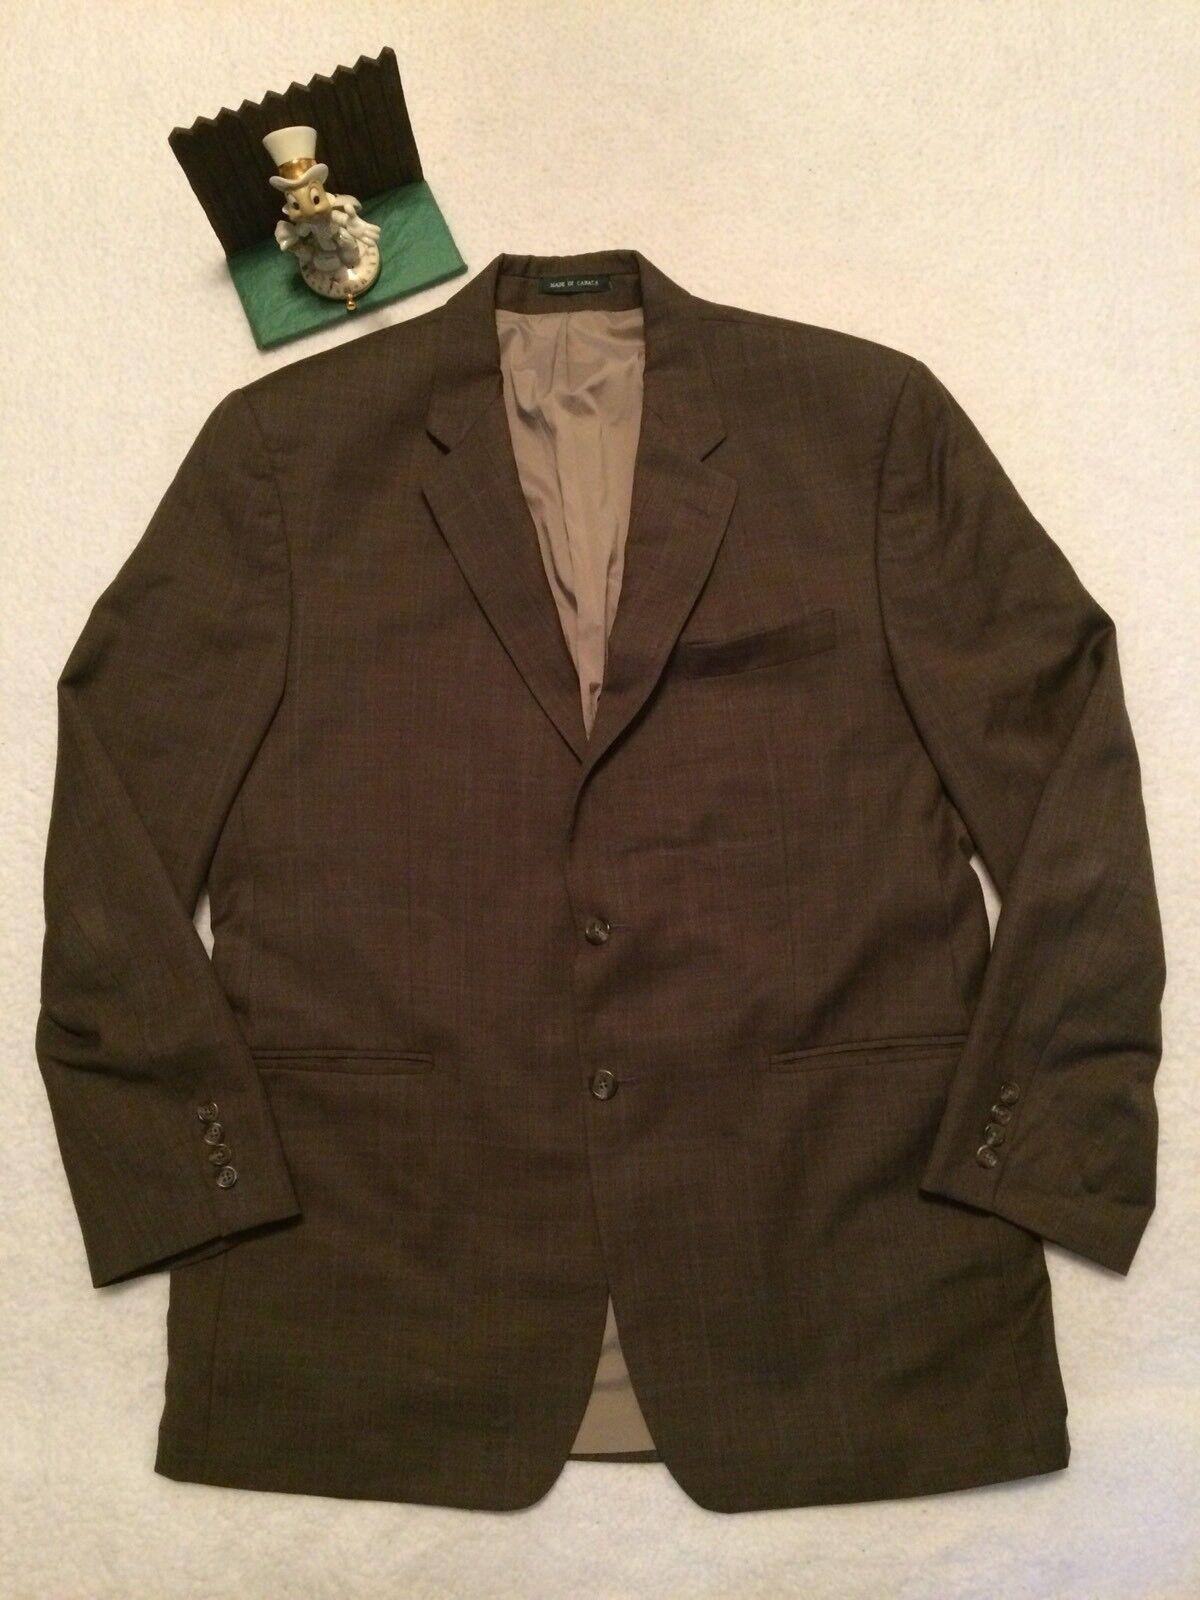 LAUREN RALPH LAUREN Brown 100% Wool Tweed 2-Button Classic Fit Blazer 44L NICE